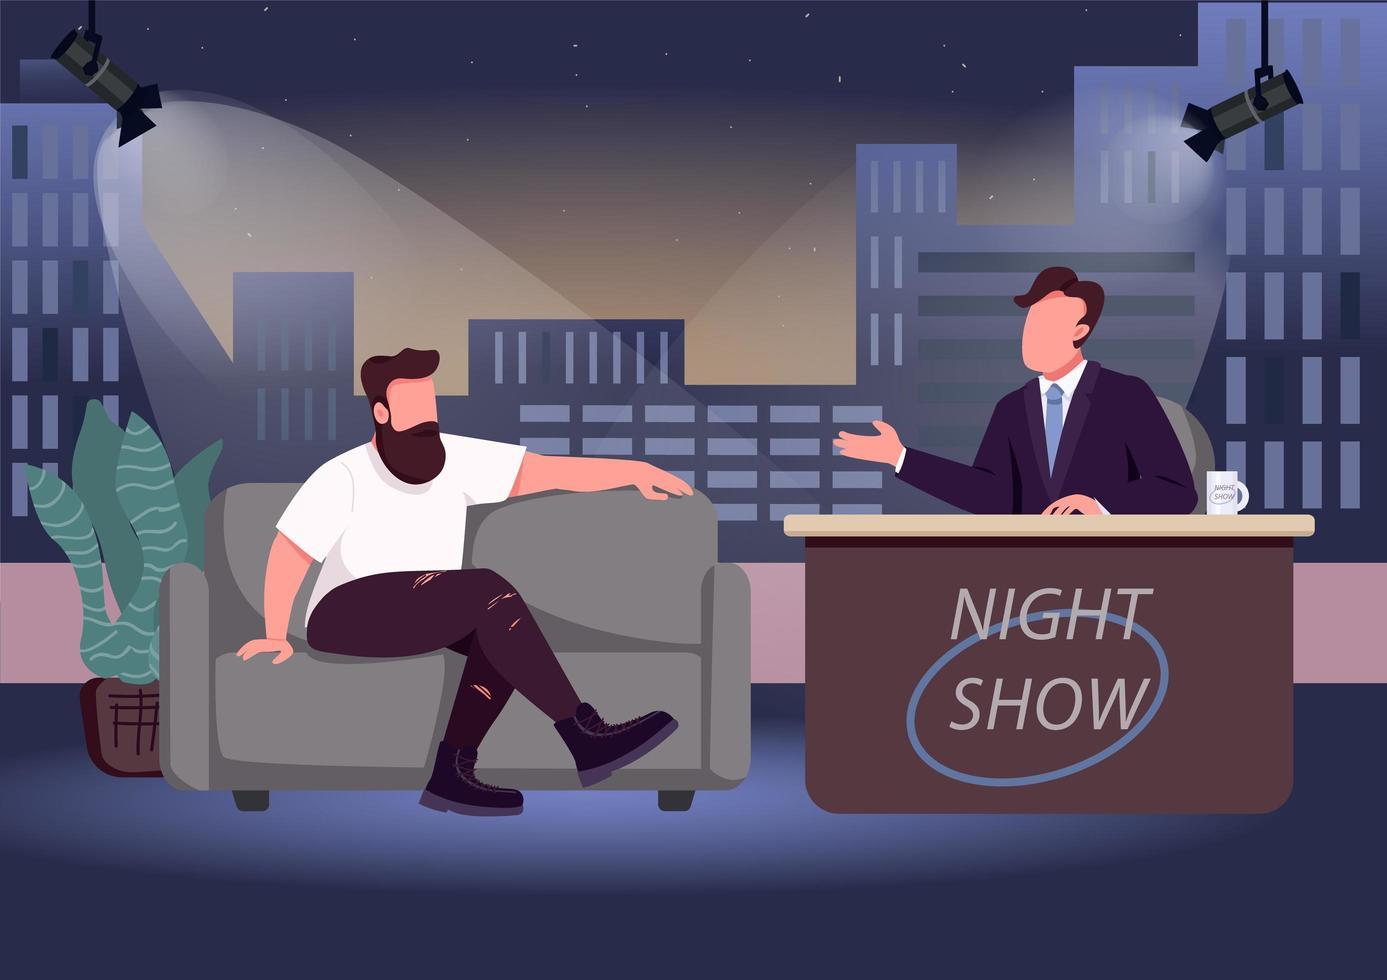 talk-show du soir vecteur